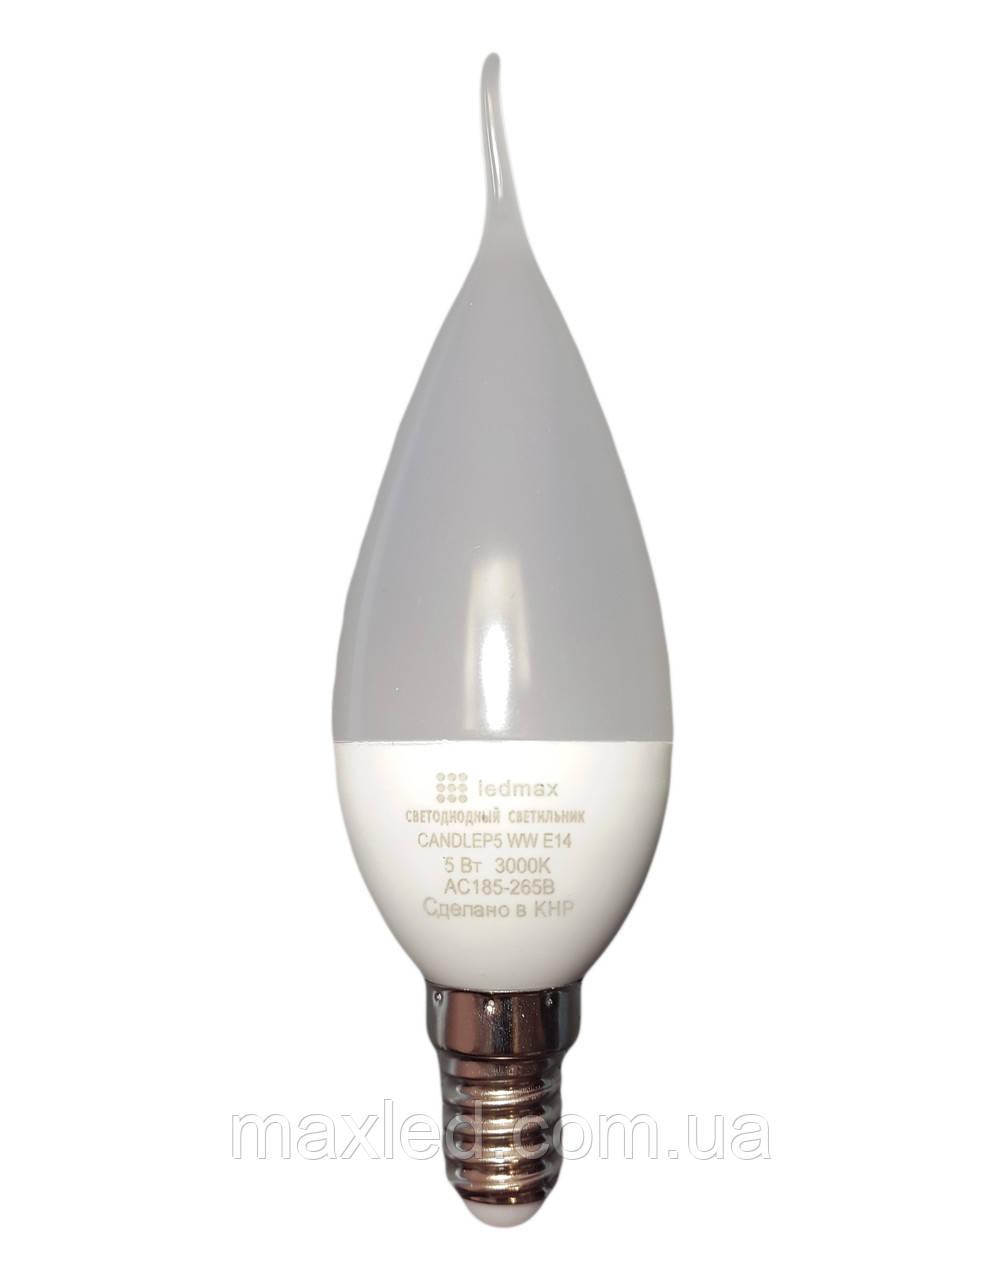 Світлодіодна лампа LEDMAX CANDLEP5 WW Е14 220В